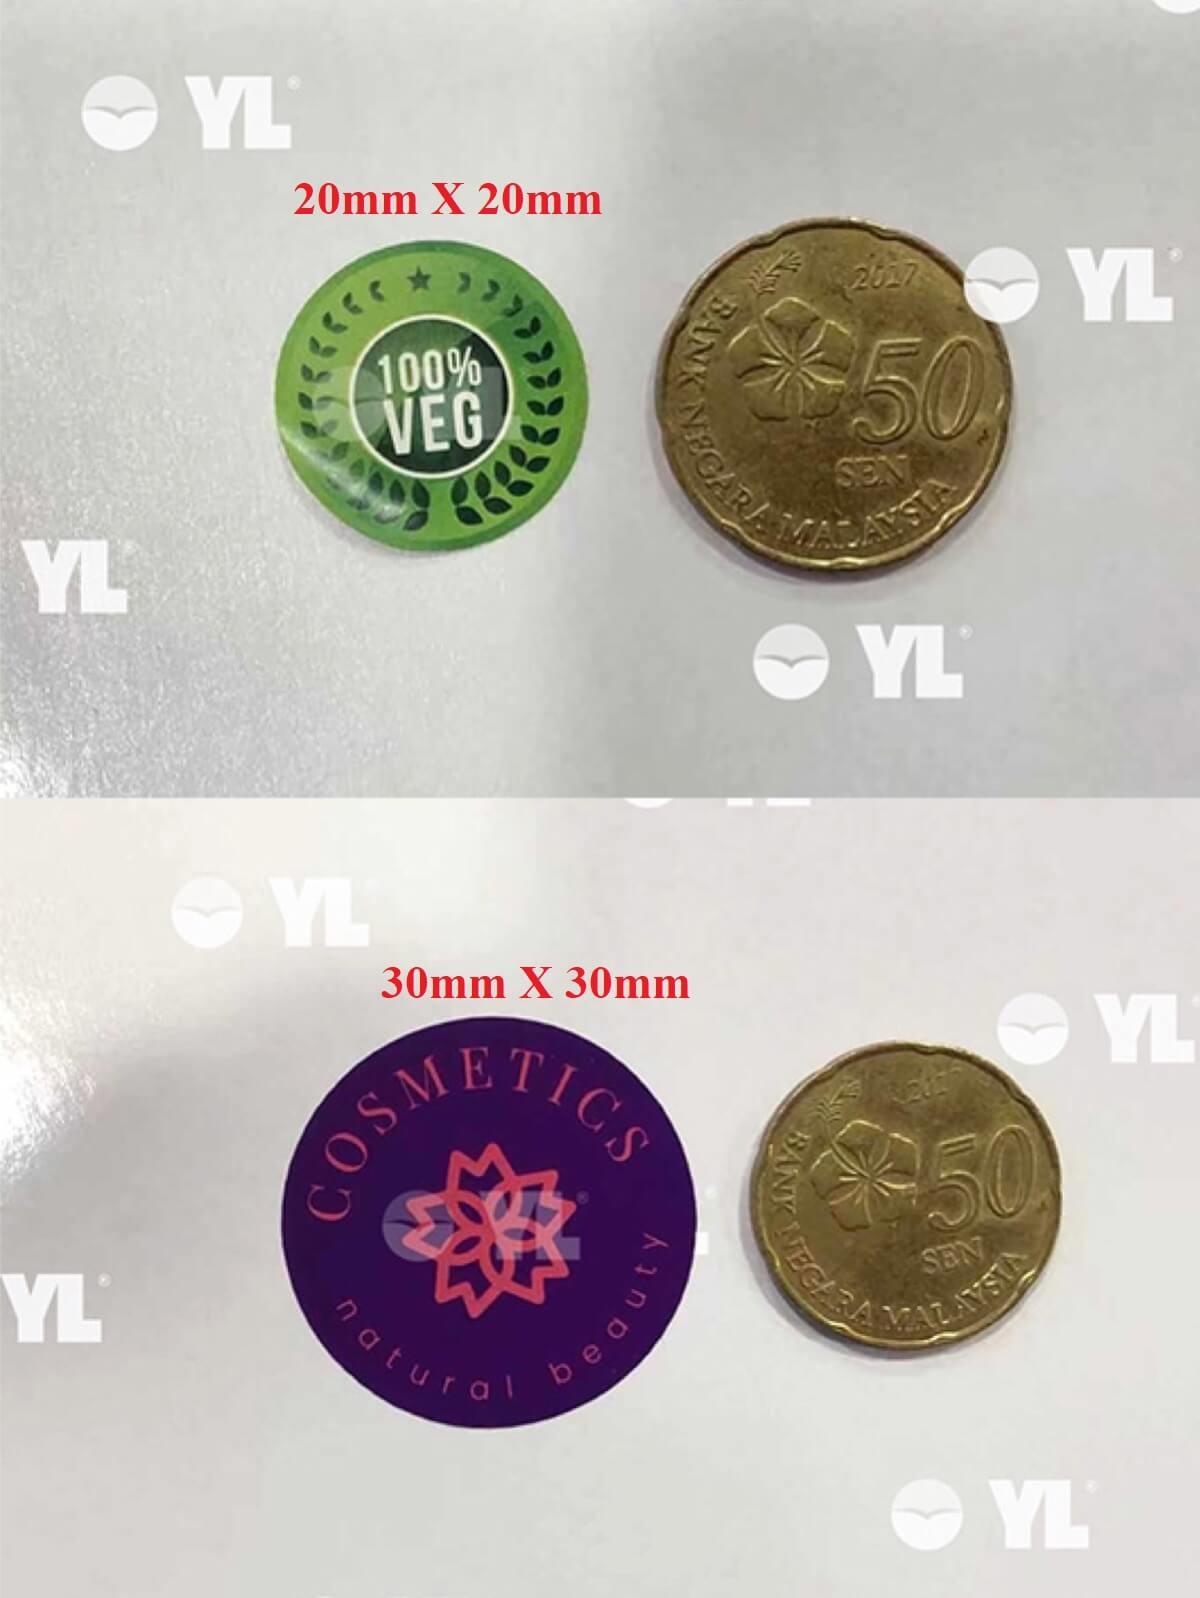 https://www.yl.com.my:449/admin/uploads/products/f34a288d-d46a-467c-a6f6-9da158581f94/20mm-30mm_3276.jpg